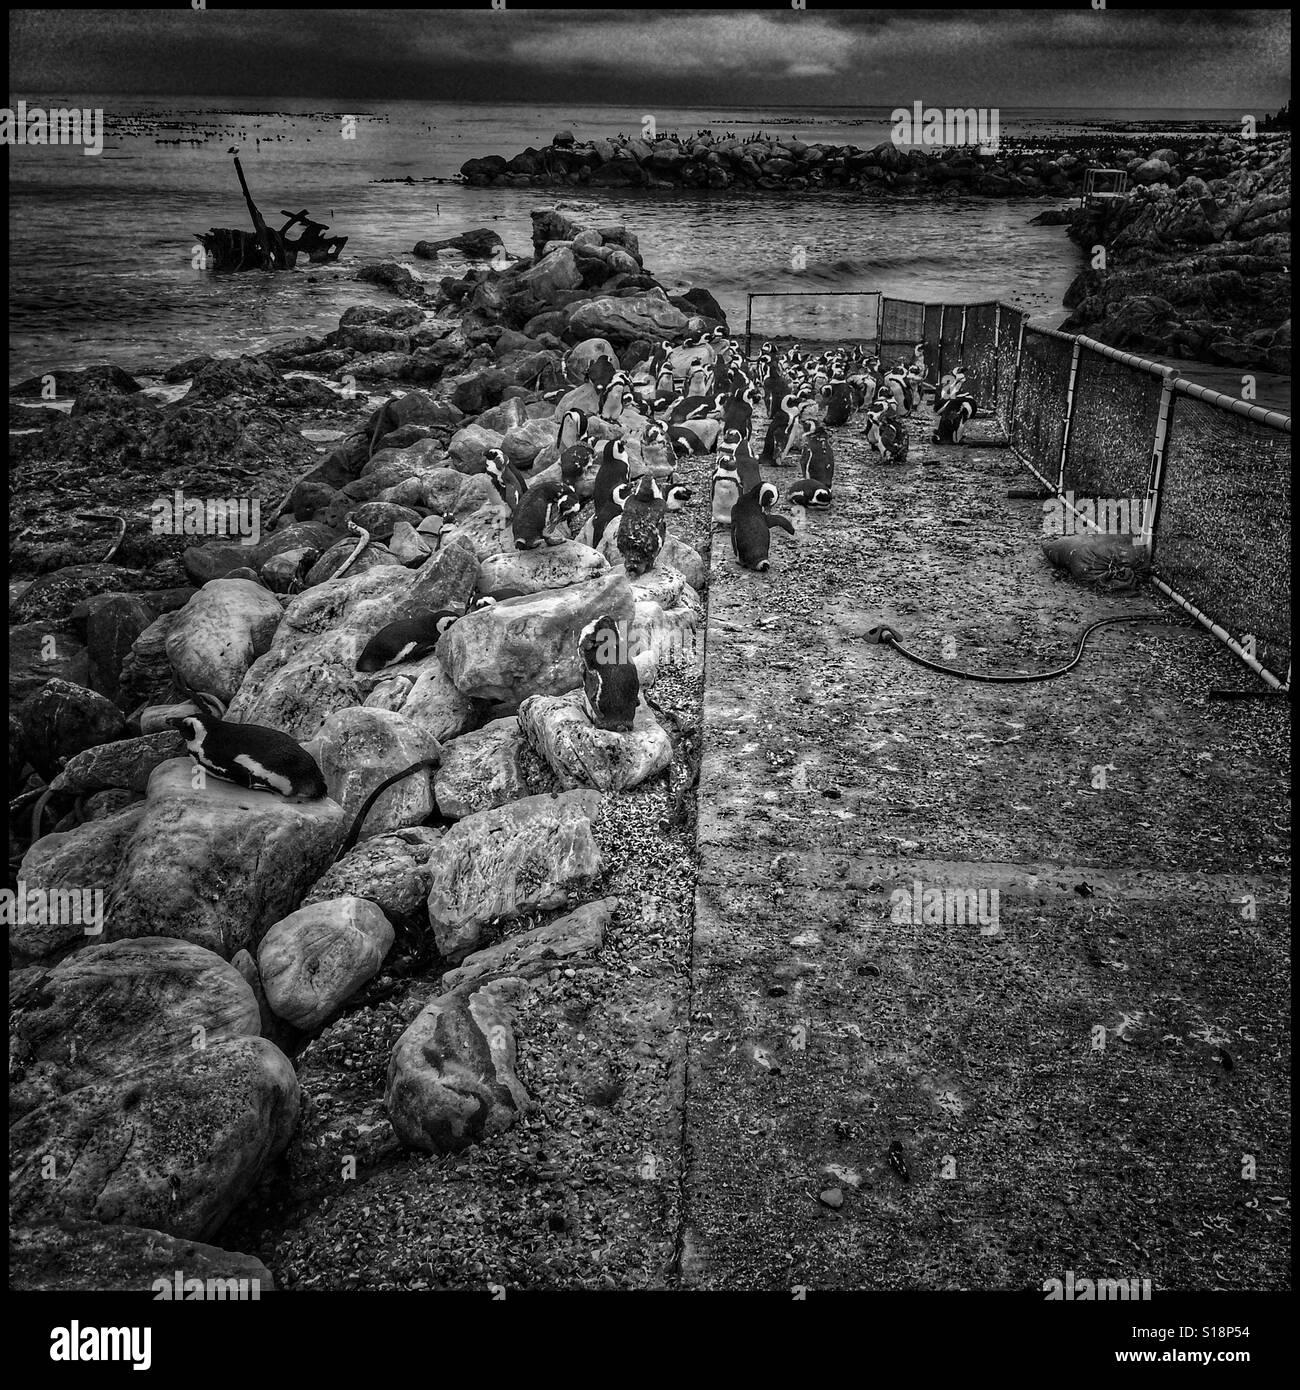 Stoney Point penguin breeding colony. - Stock Image